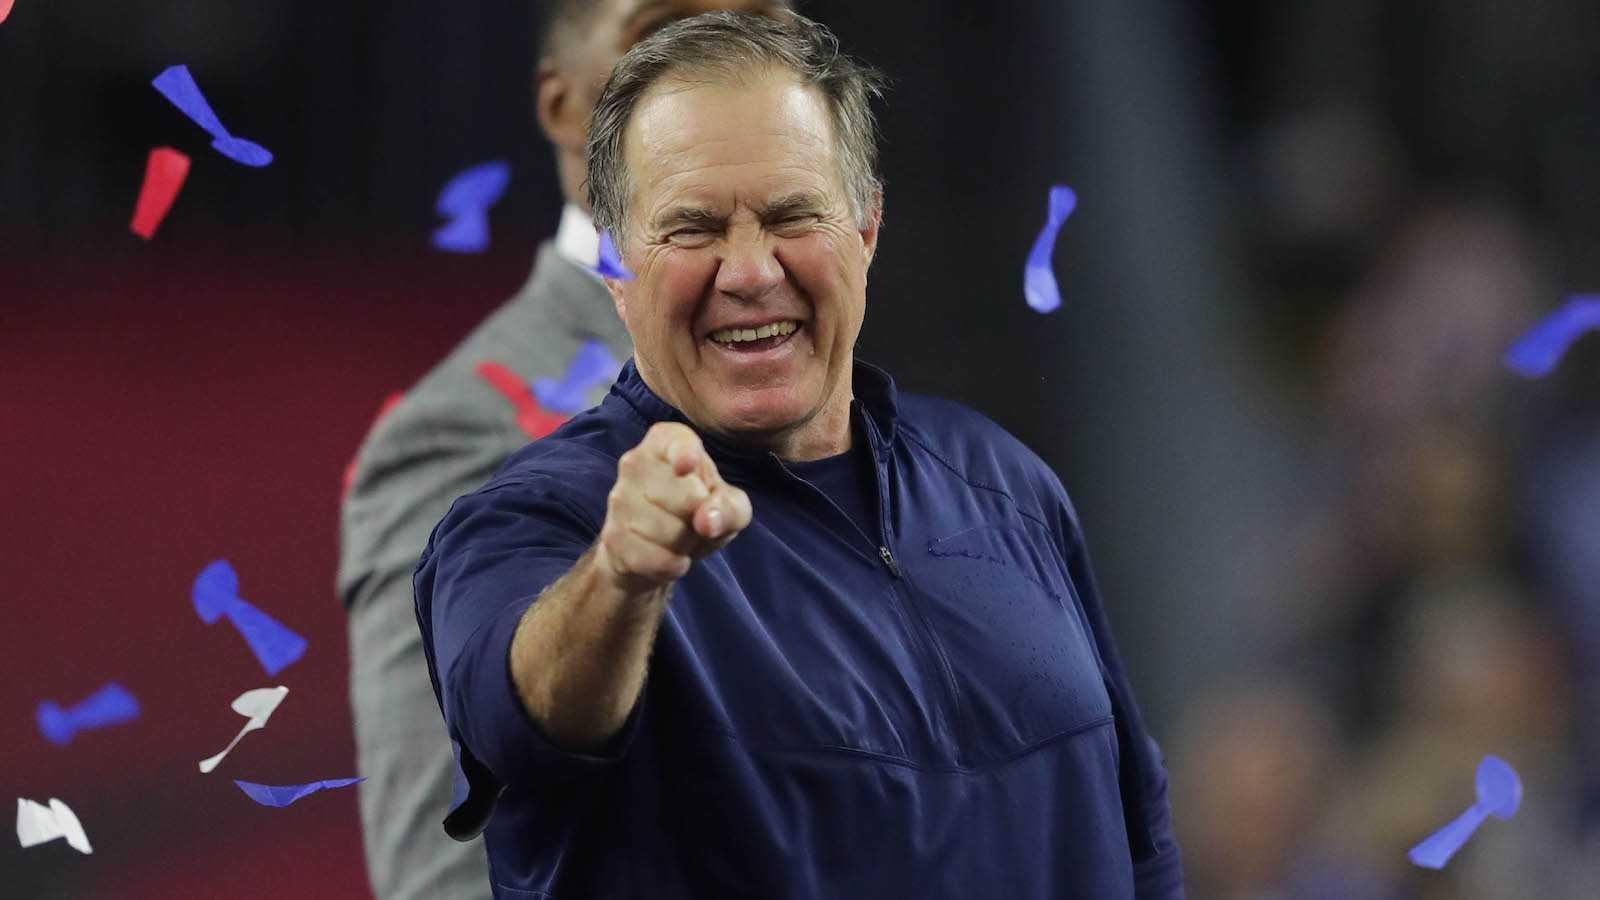 Bill Blichick after winning the Super Bowl